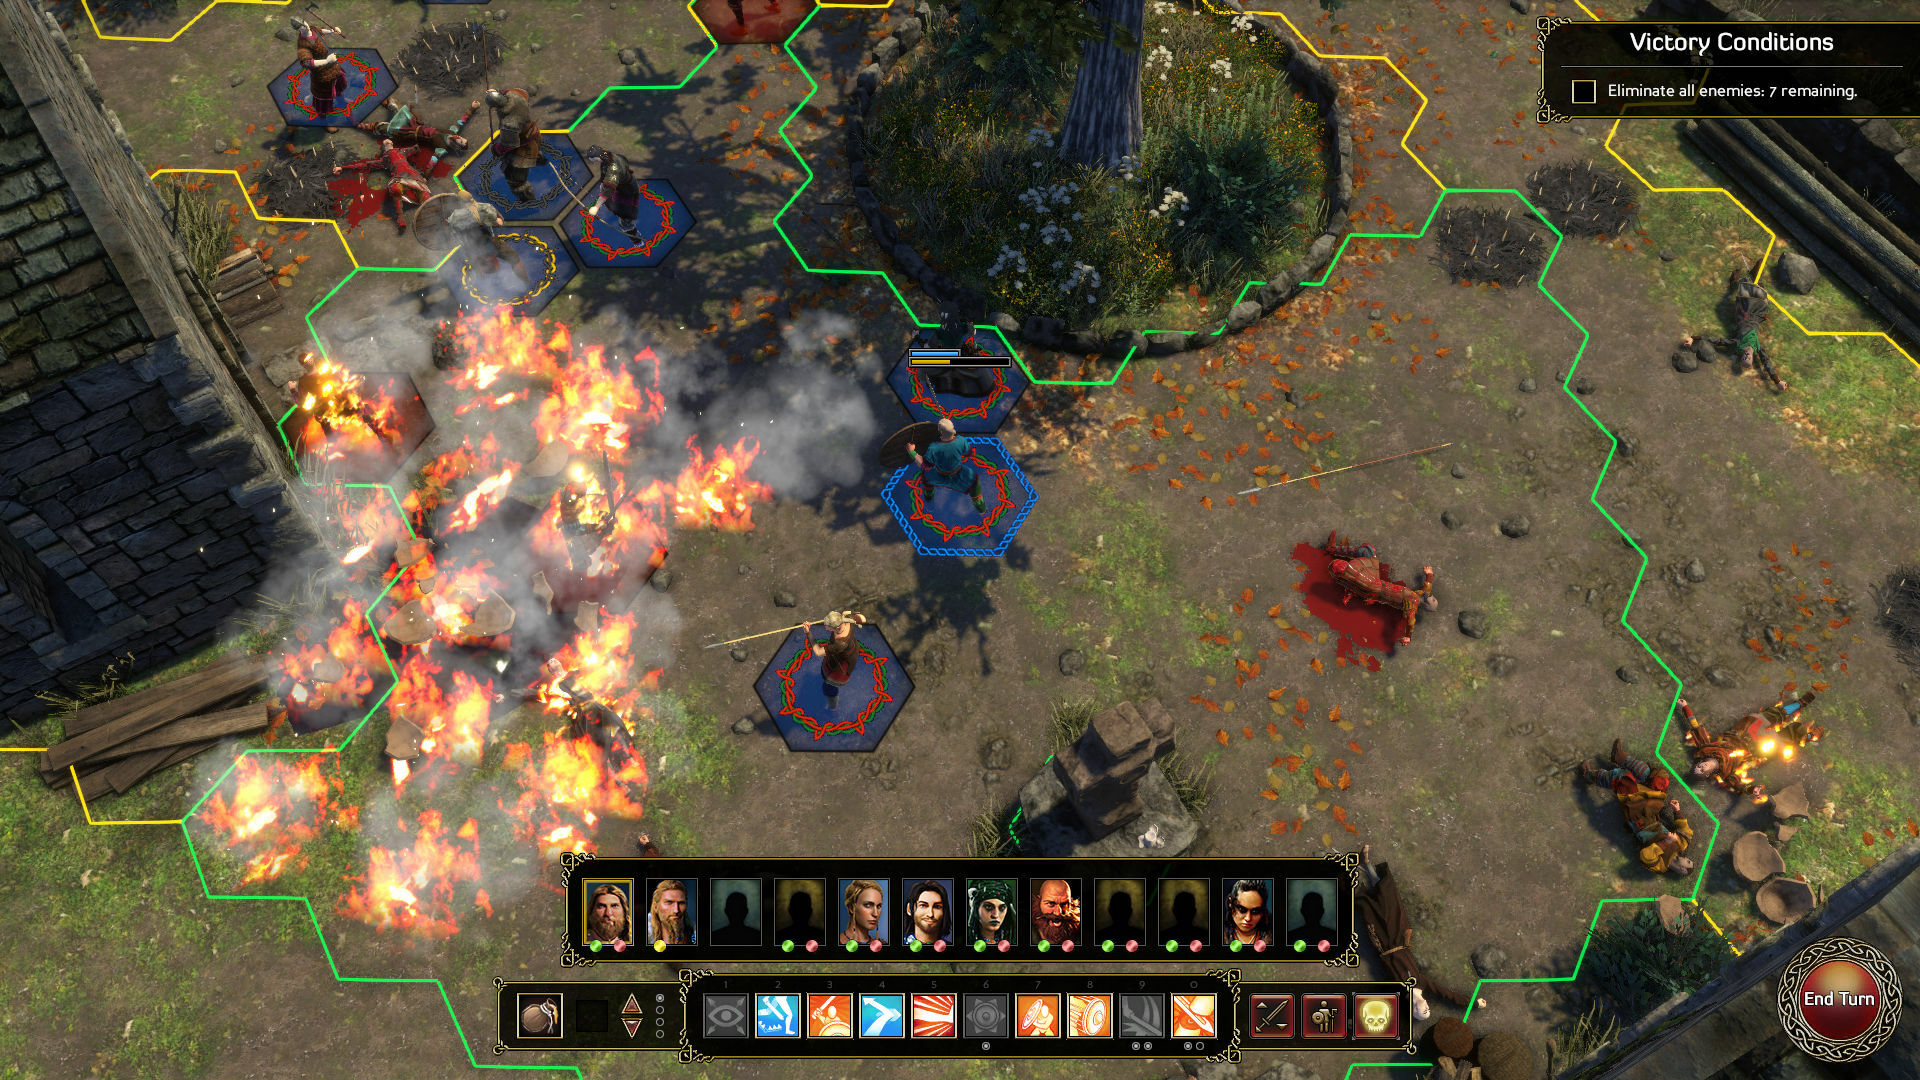 expeditions-viking-pc-screenshot-2